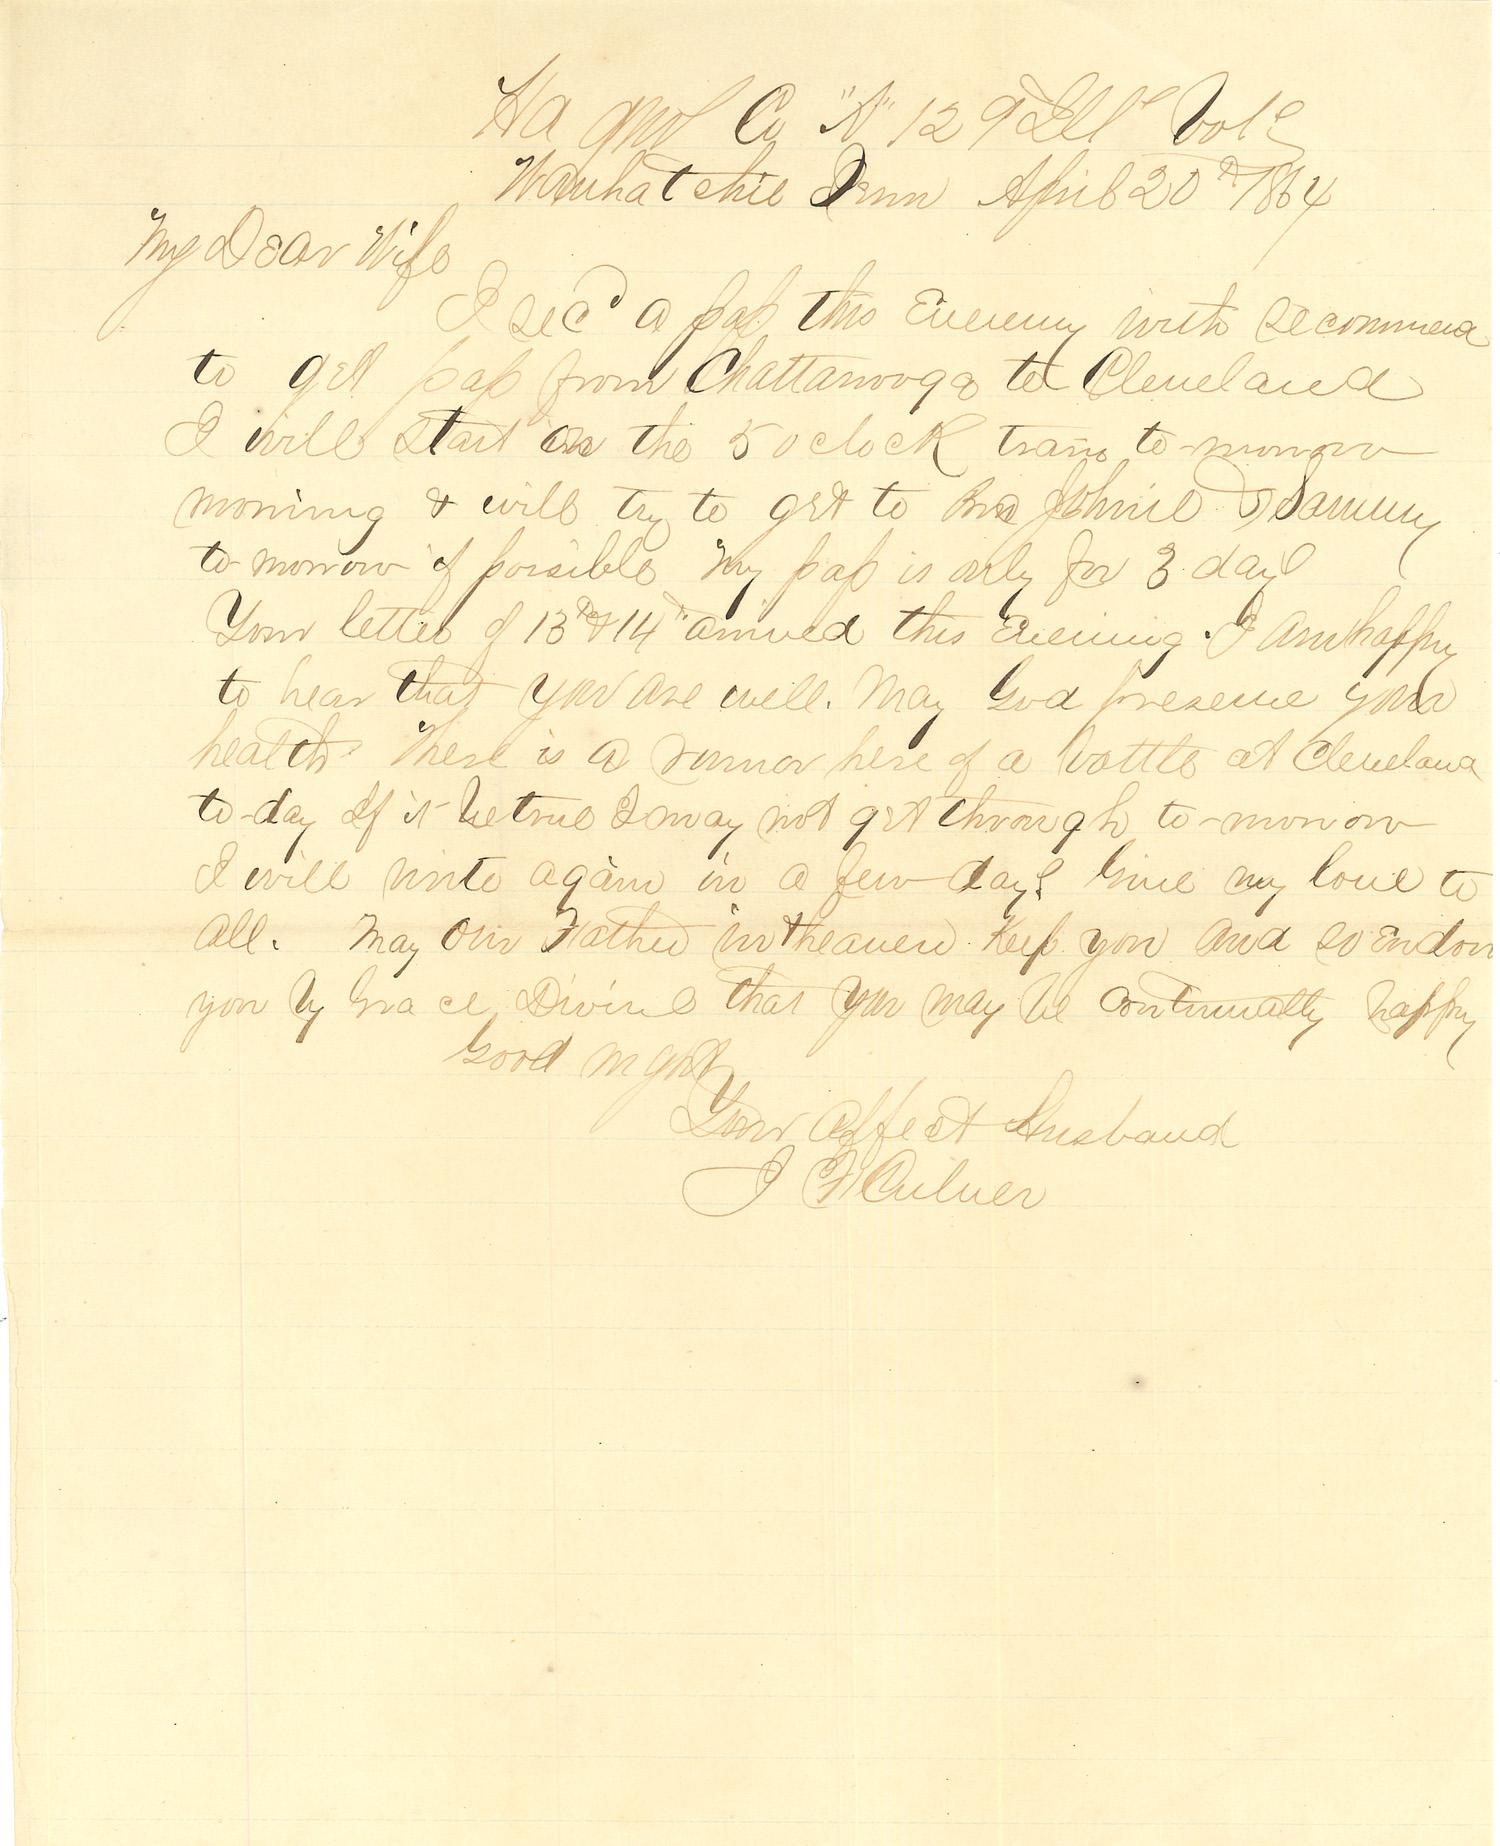 Joseph Culver Letter, April 20, 1864, Page 1